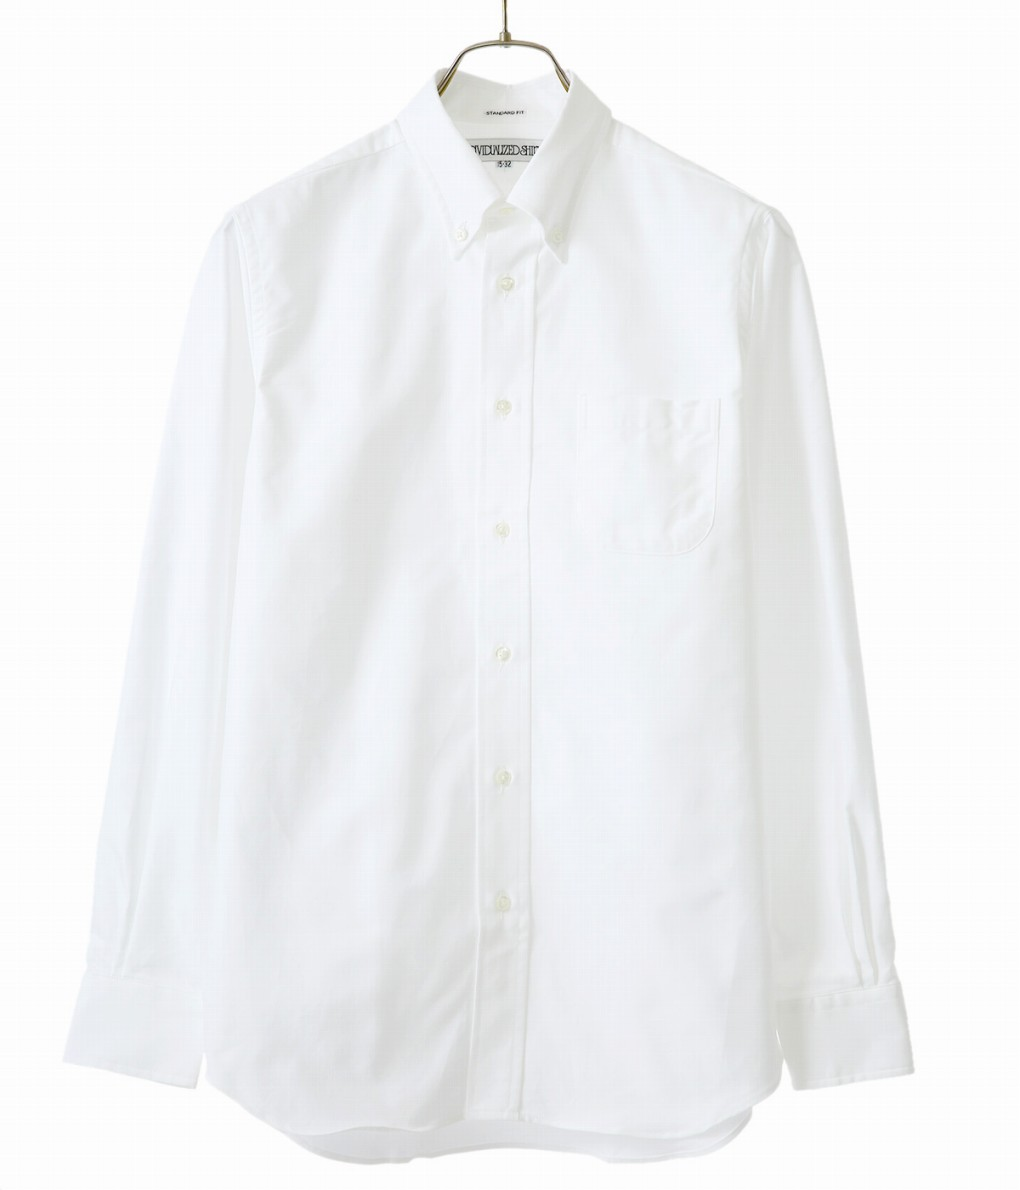 【期間限定送料無料!】INDIVIDUALIZED SHIRTS / インディビジュアライズドシャツ : L/S Standard Fit Cambridge OX B.D shirts -MBDM- : 長袖 ケンブリッジ オックスフォード ボタンダウン シャツ 白シャツ メンズ : IDS-00000-1-standard-CAM-WHT【MUS】